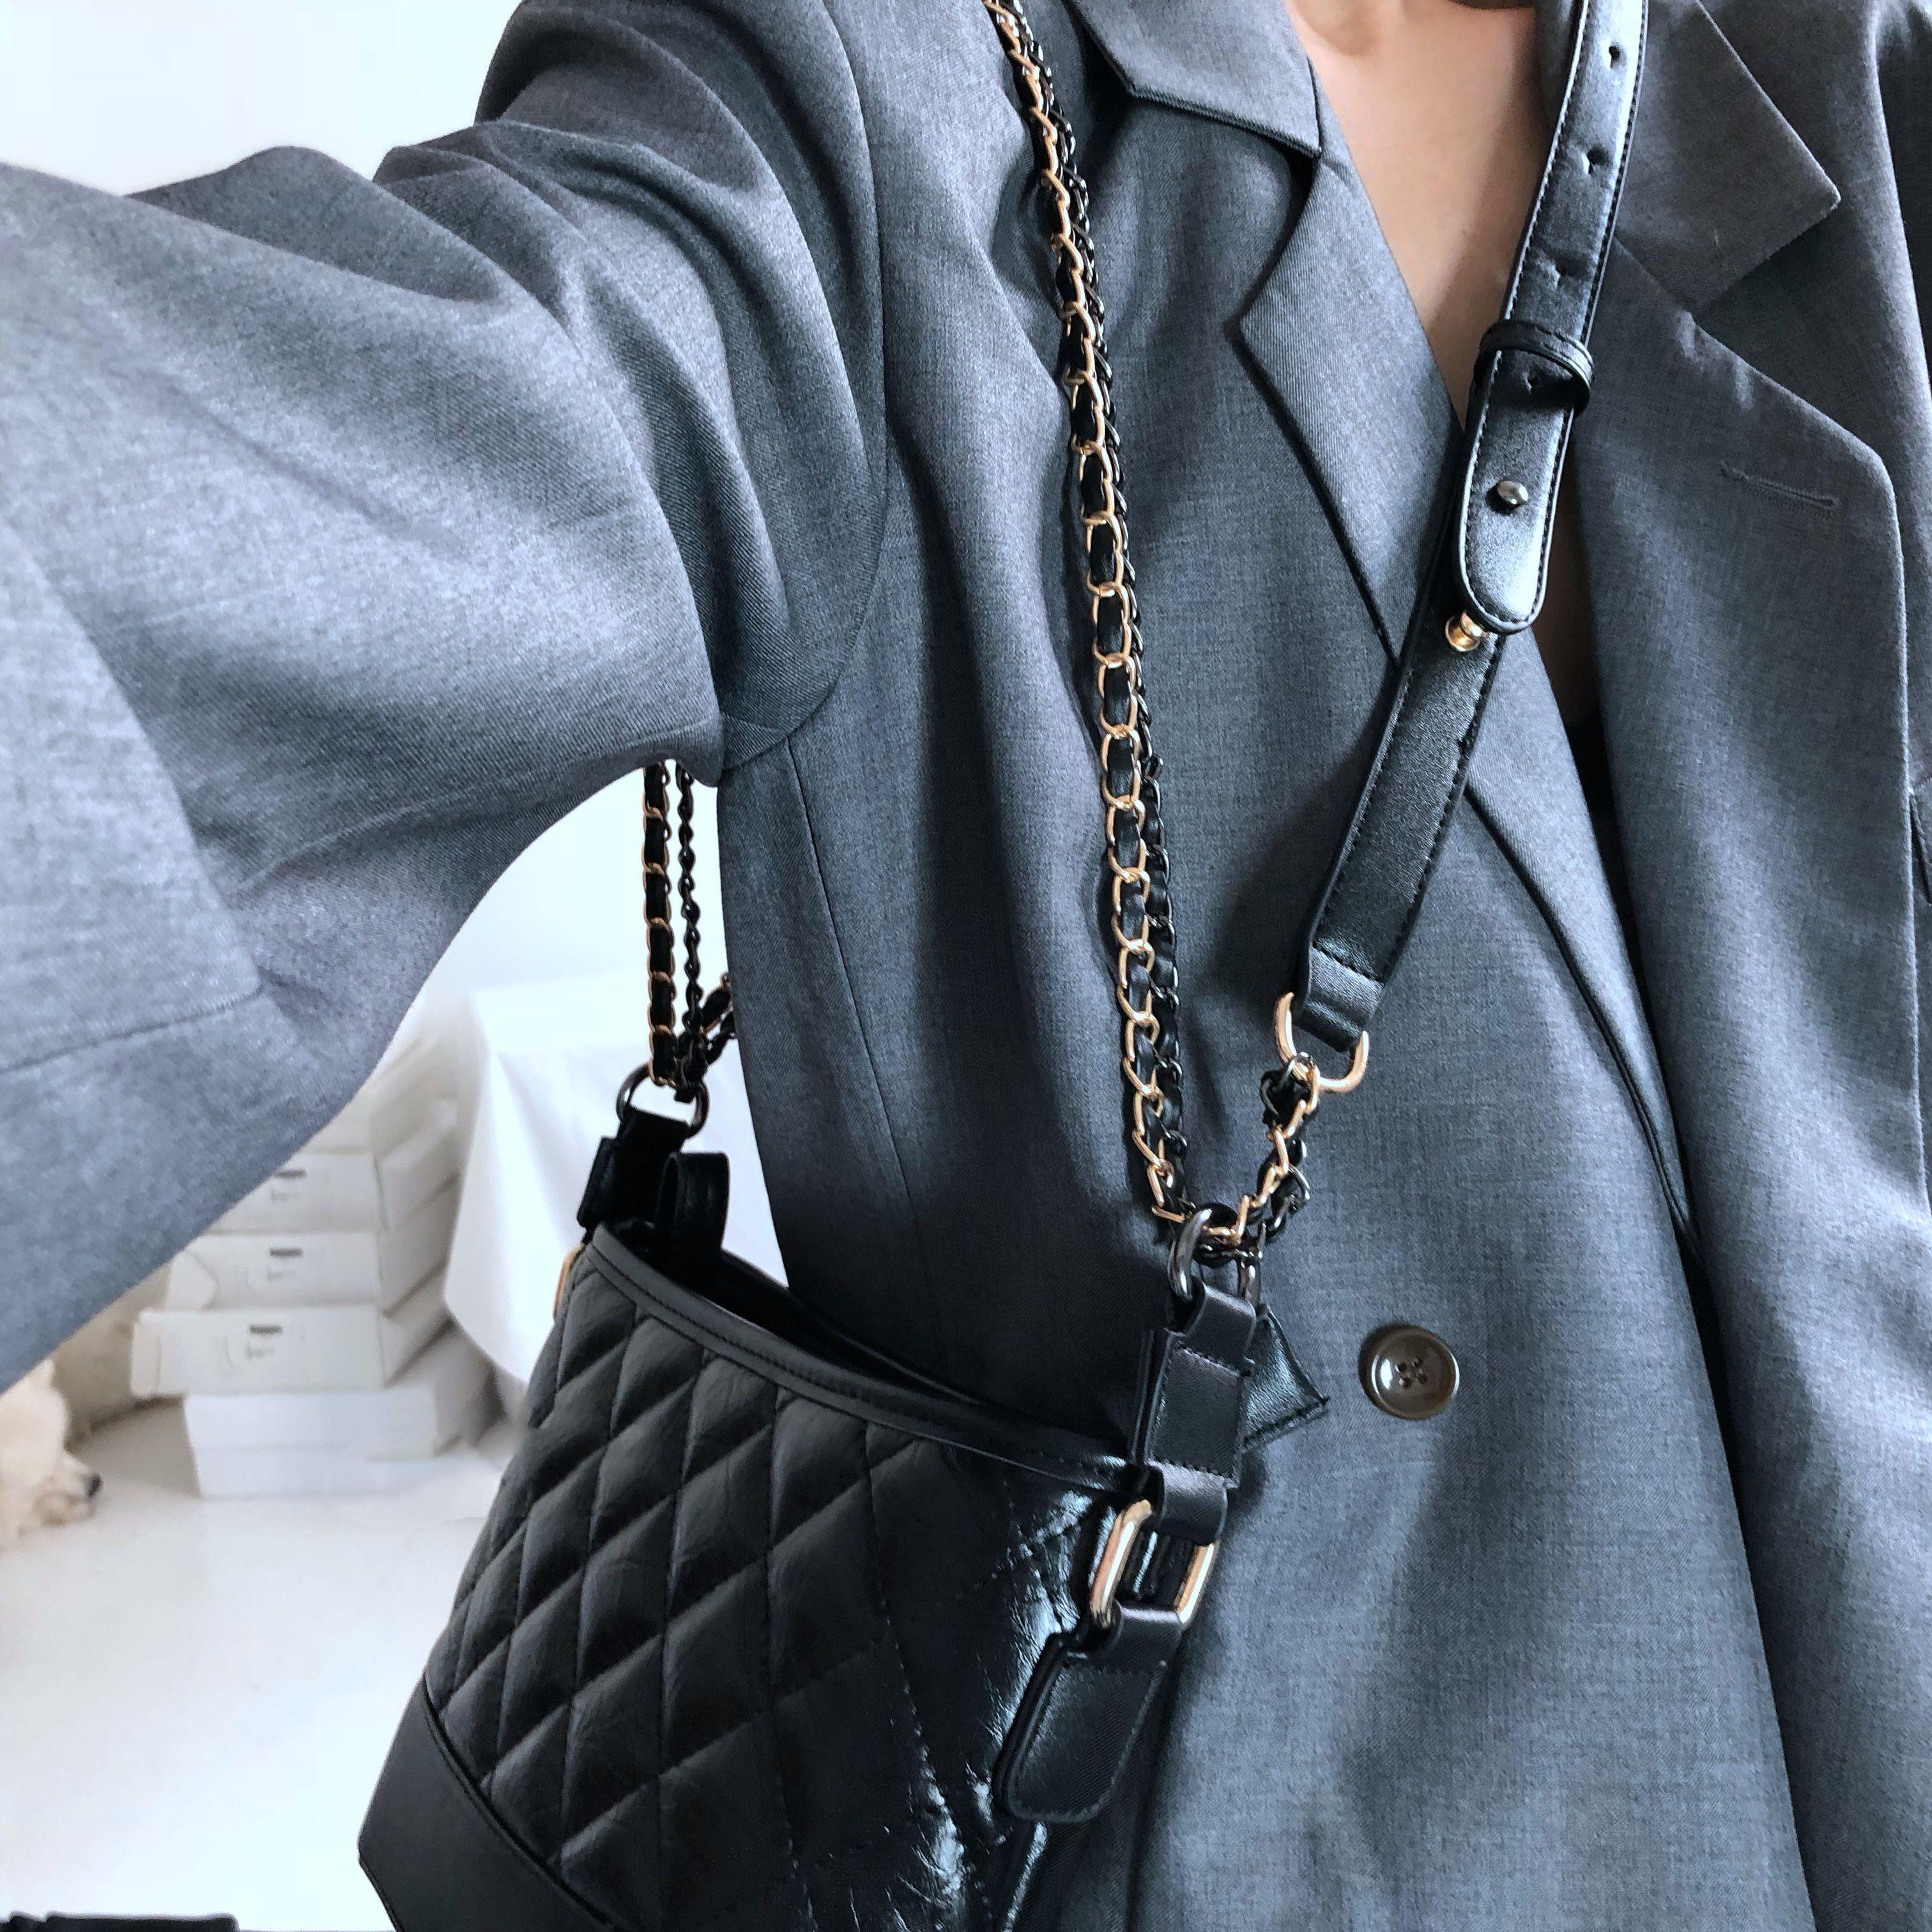 黑色链条包 包包女包新款2021时尚菱格黑色流浪包复古简约百搭链条单肩斜挎包_推荐淘宝好看的黑色链条包